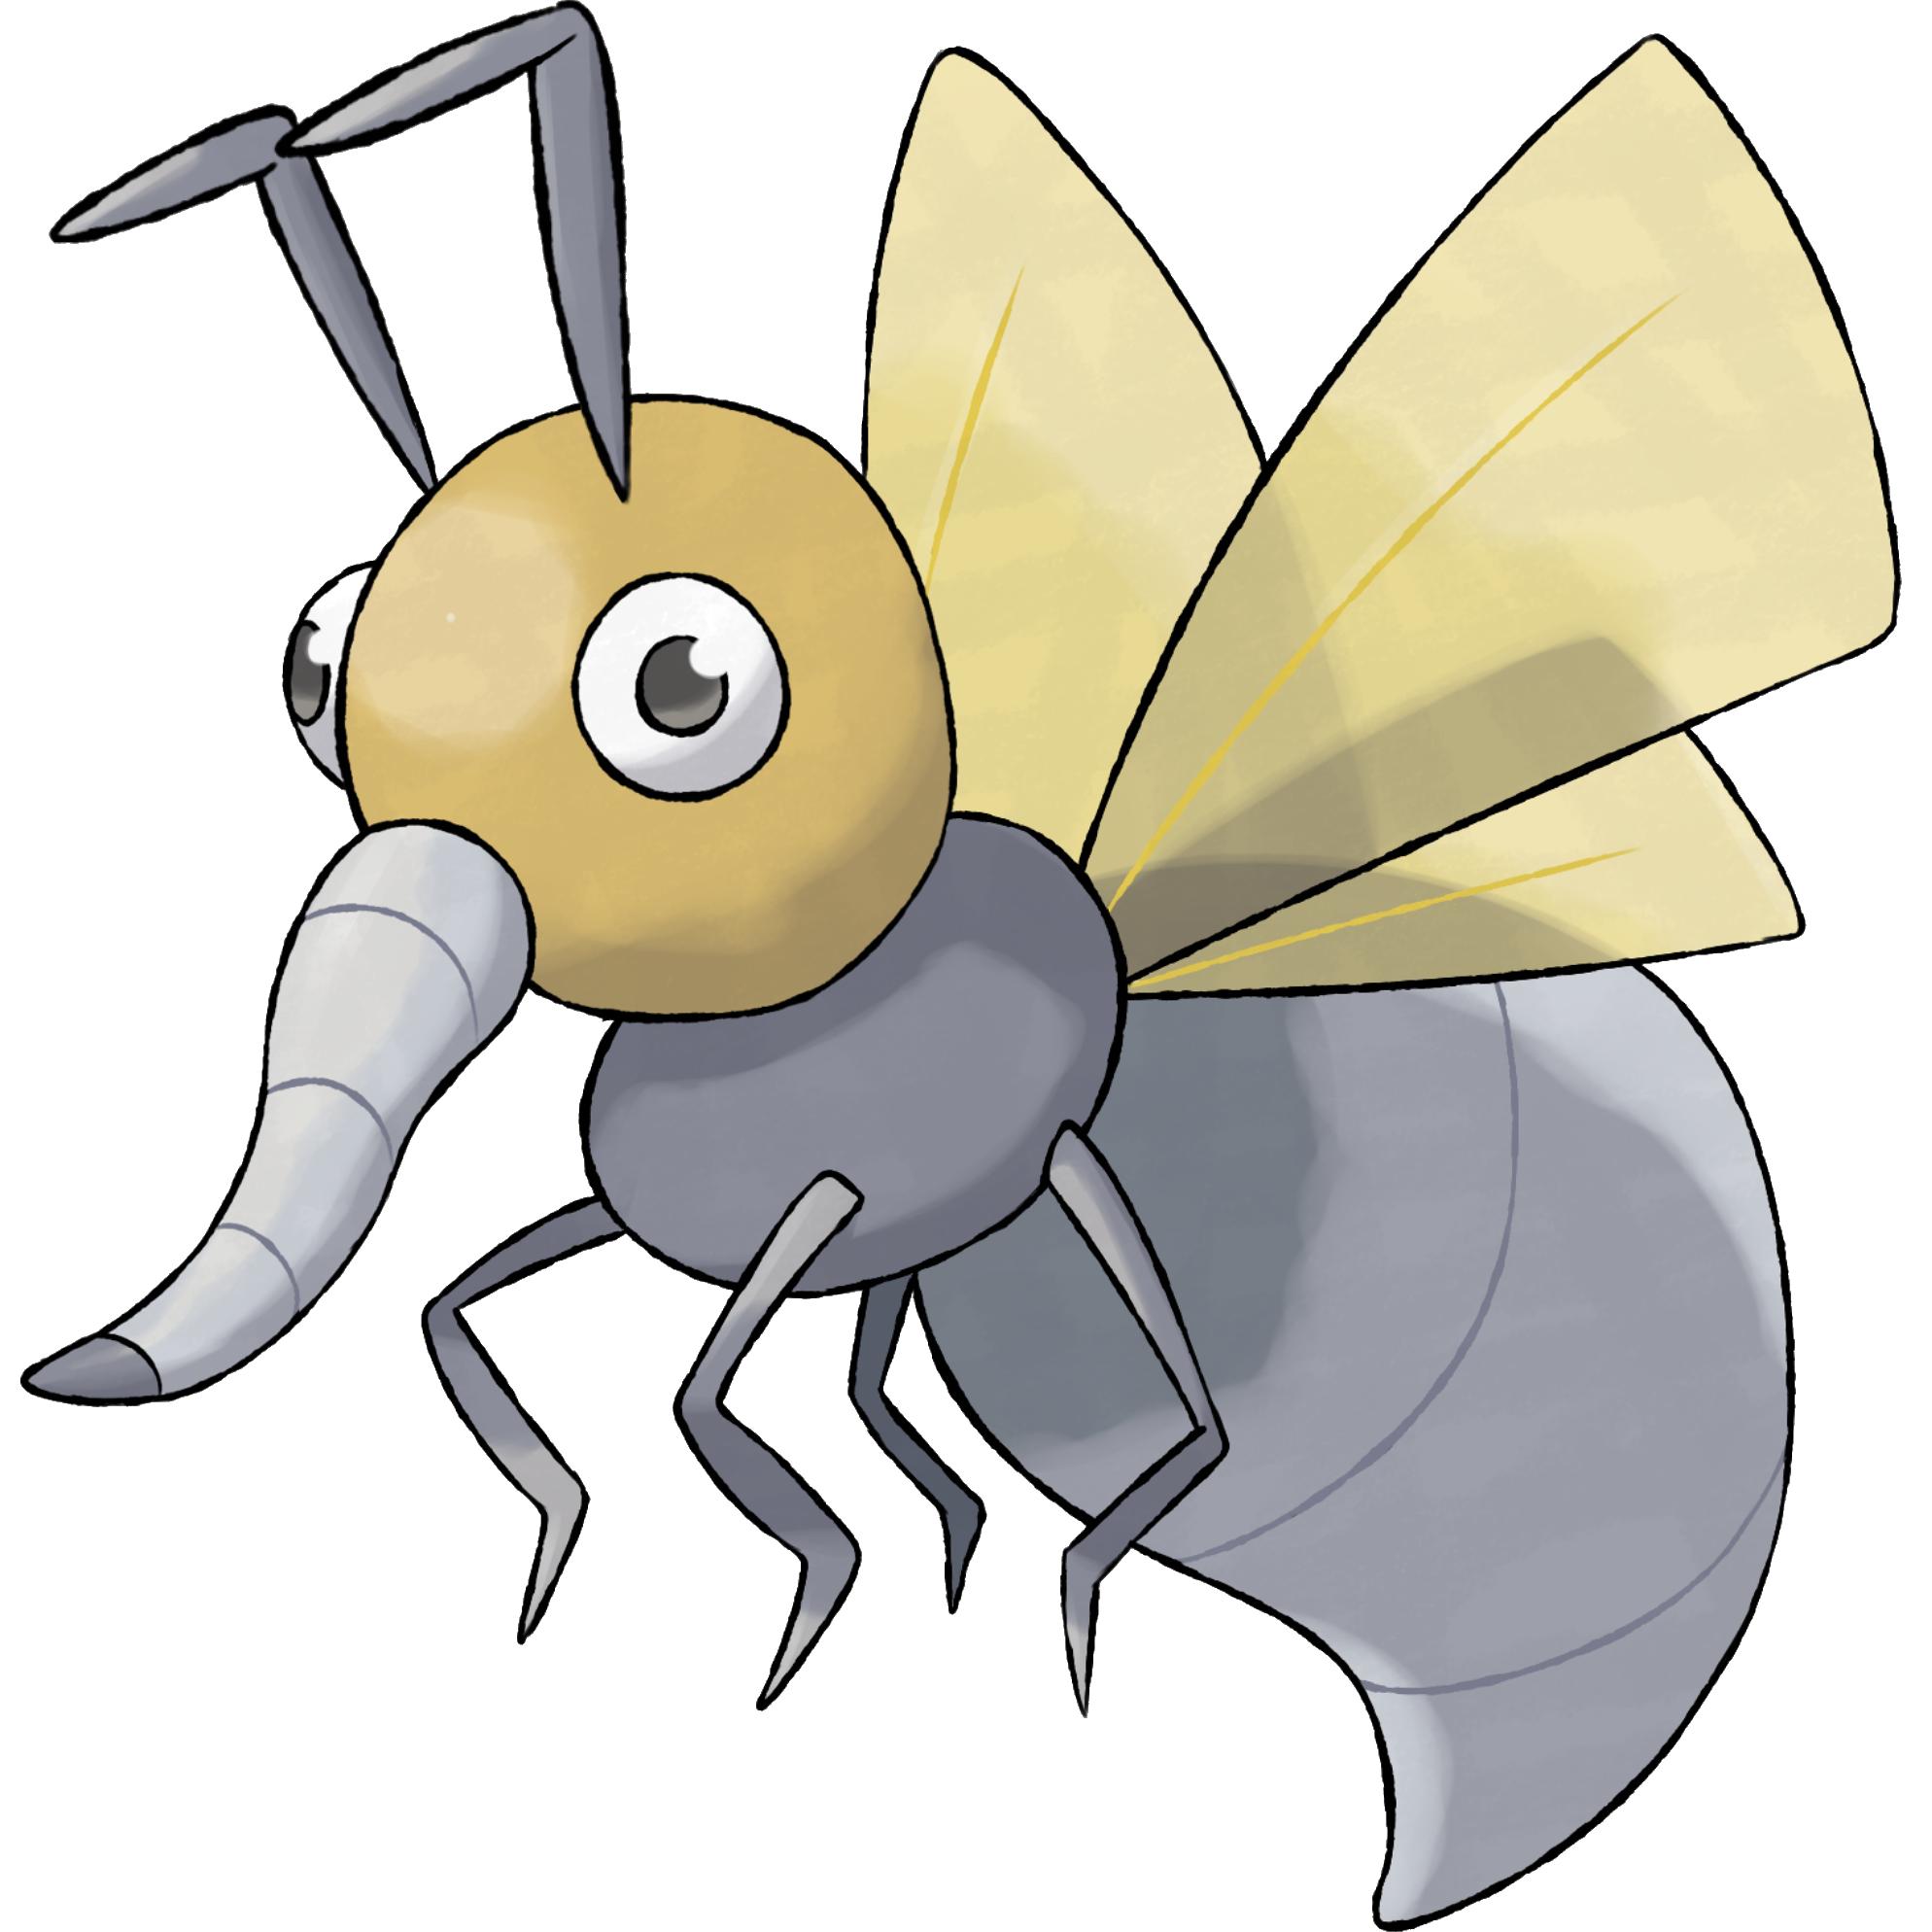 Proboskito pgenvp wiki fandom. Fossil clipart invertebrate